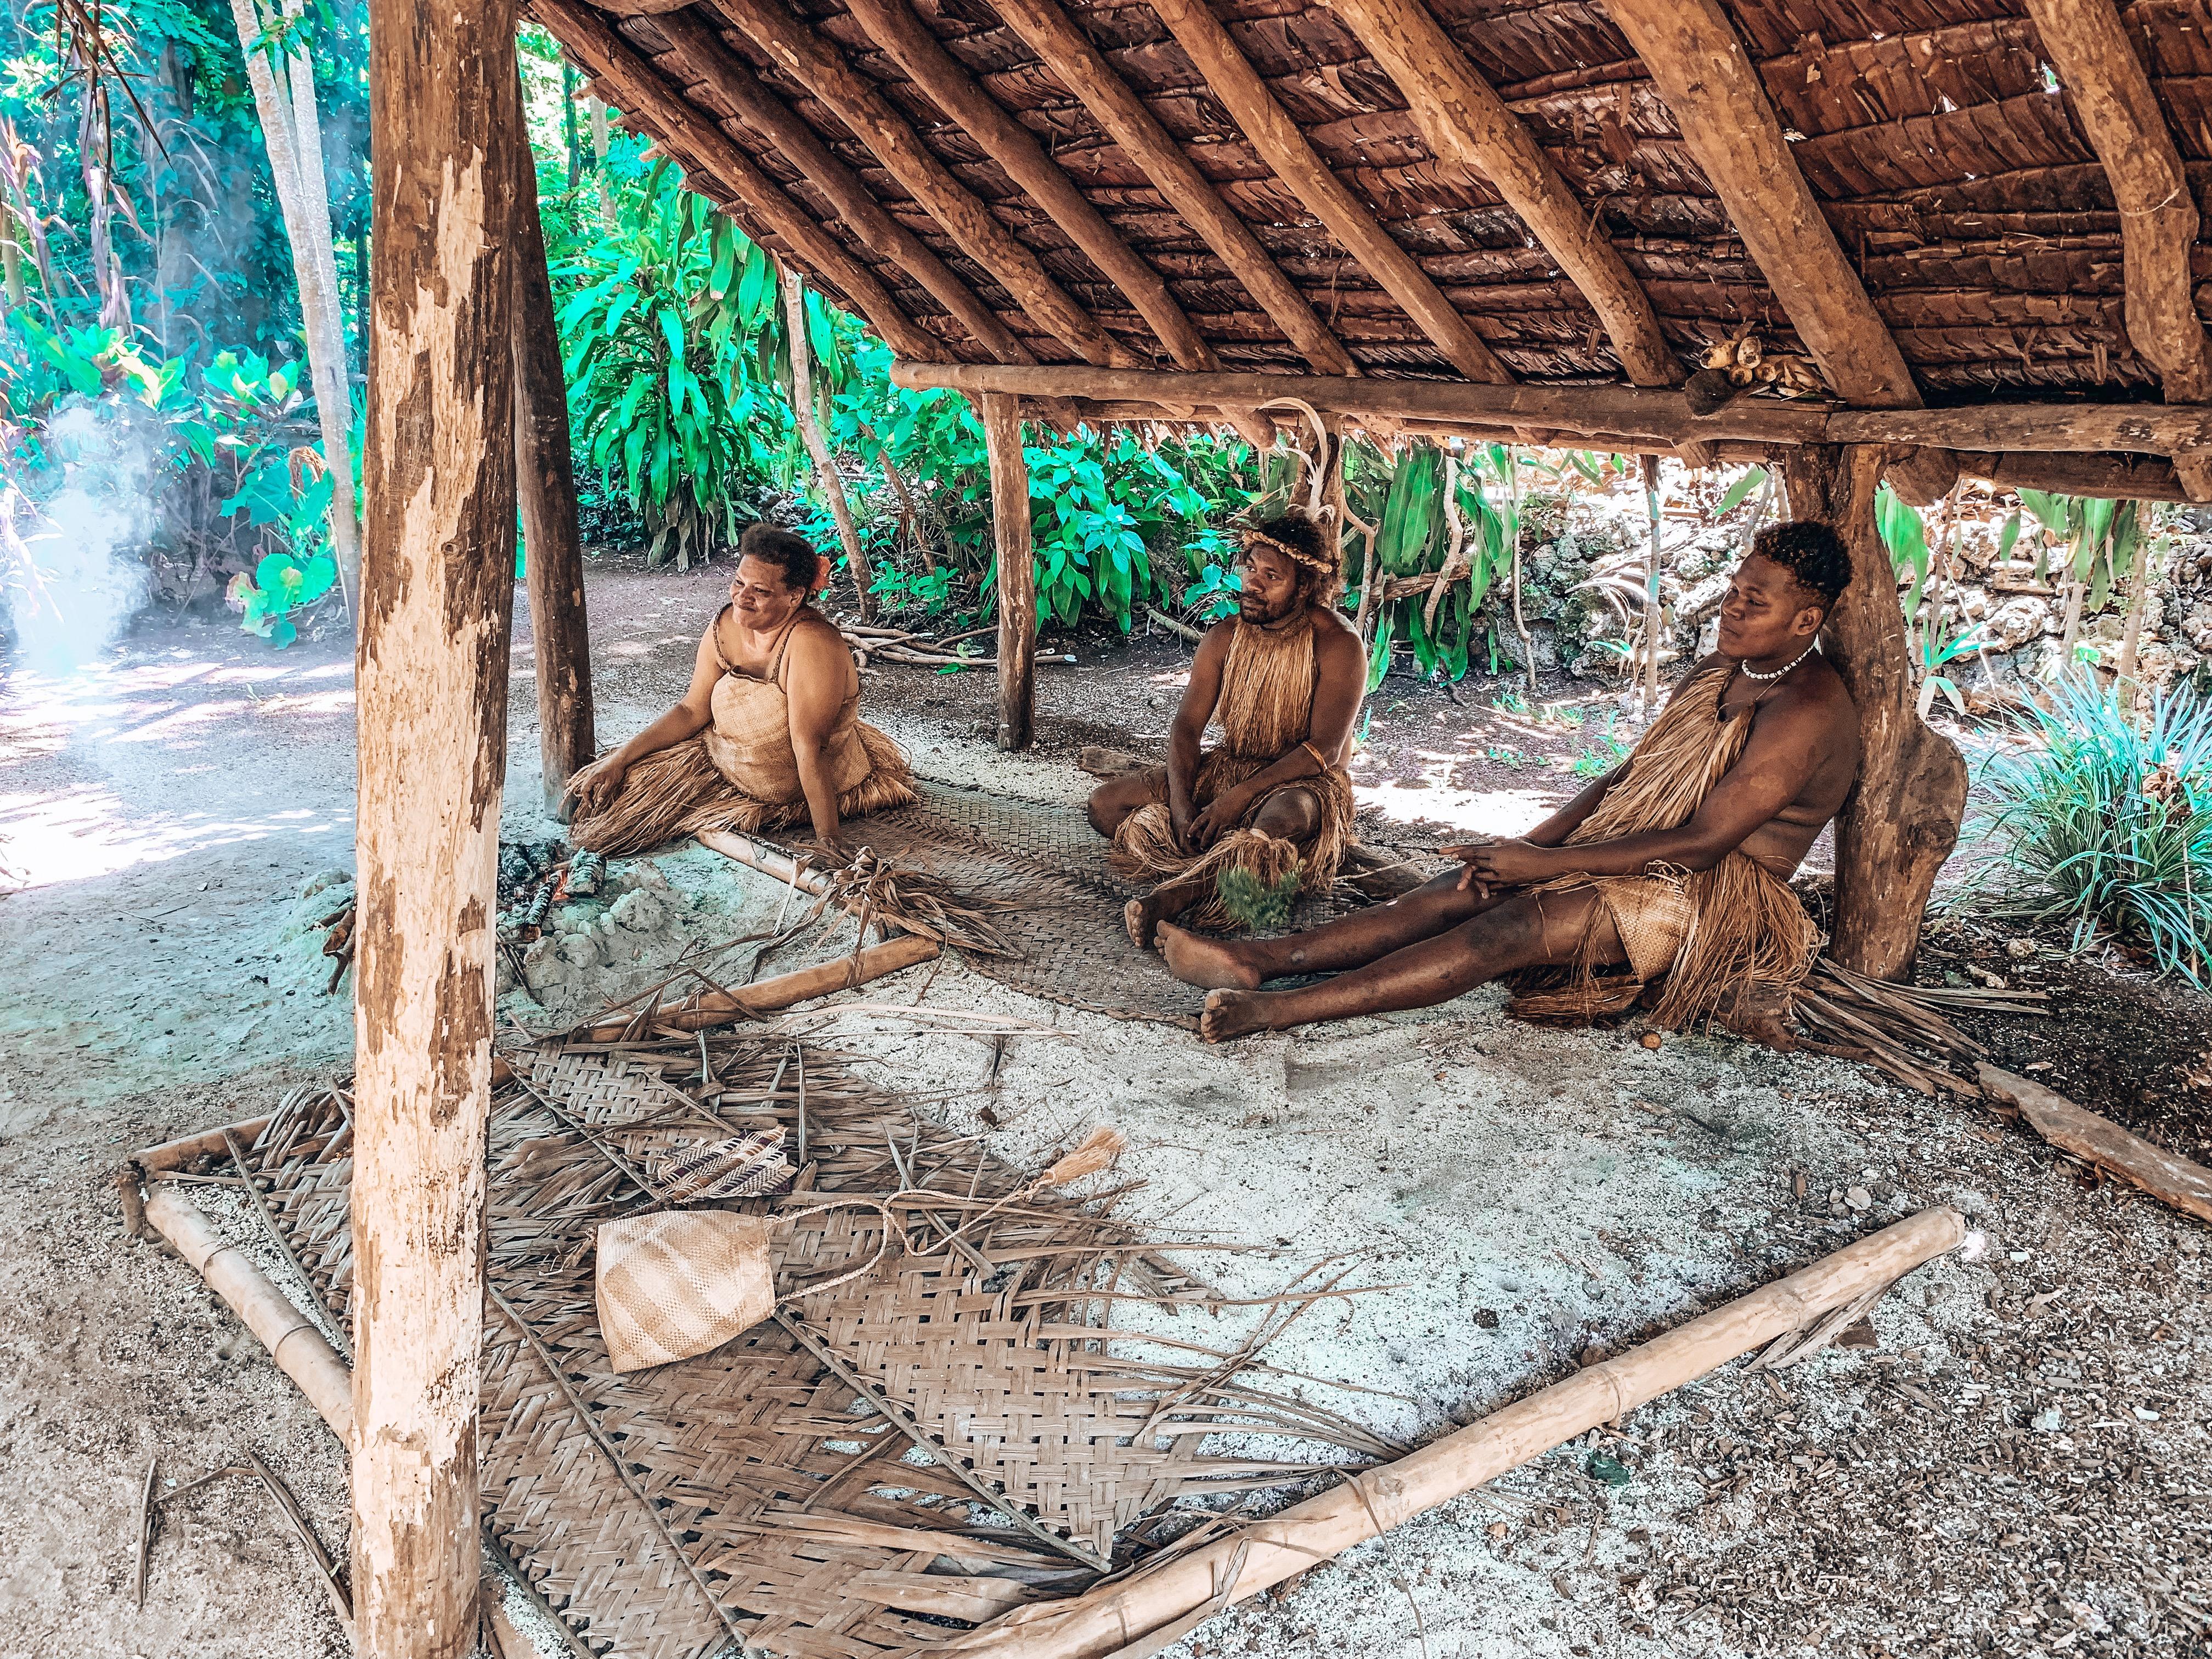 ekasup kastom village